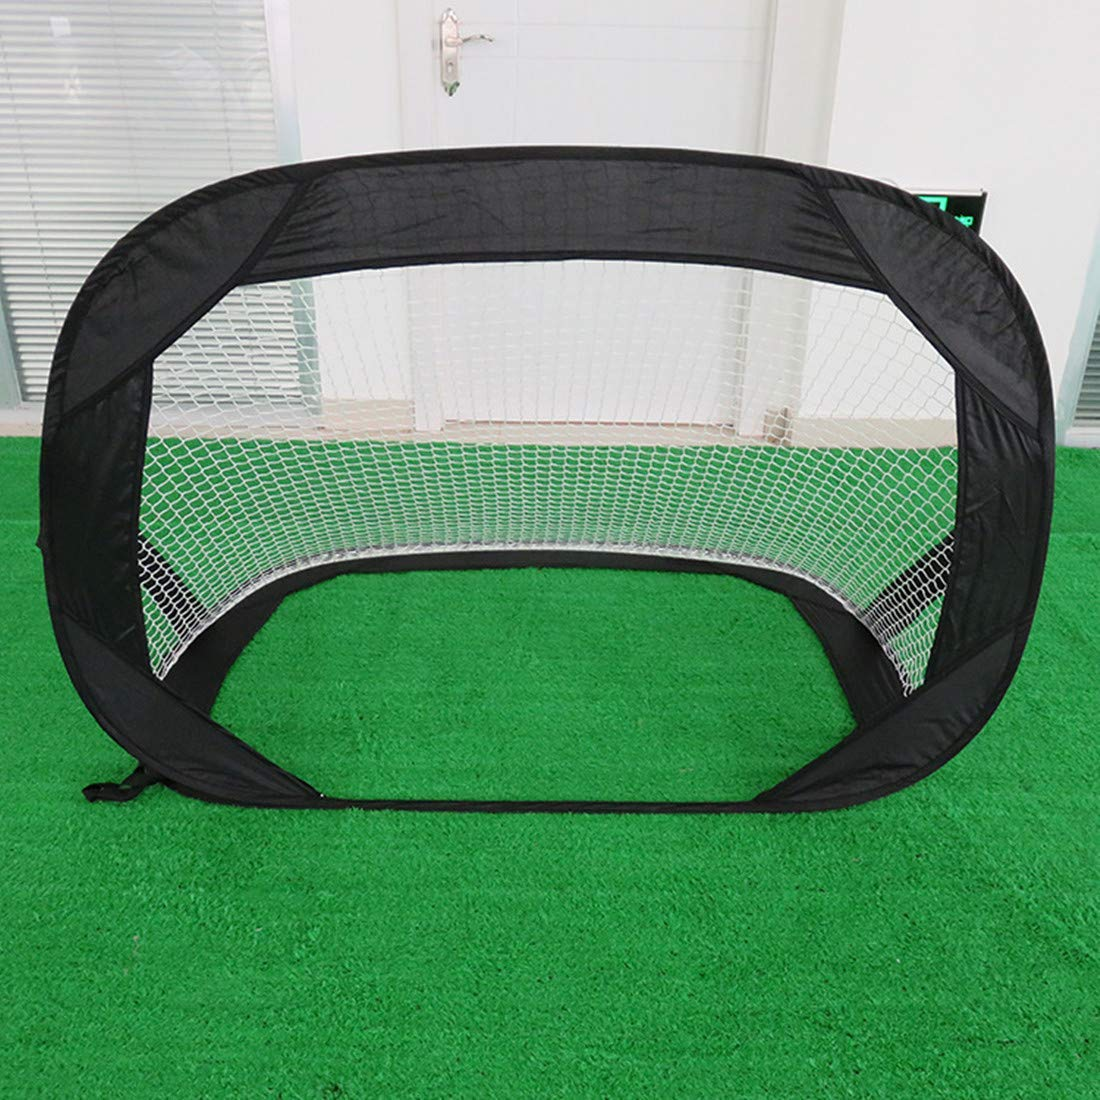 Beneyond Portable Soccer Net Goal,Pop Up Soccer Goal for Kids,Foldable Soccer Goal, Multi-Functional Beach,Outdoor Children's Sports Soccer Goal,120x85x85cm